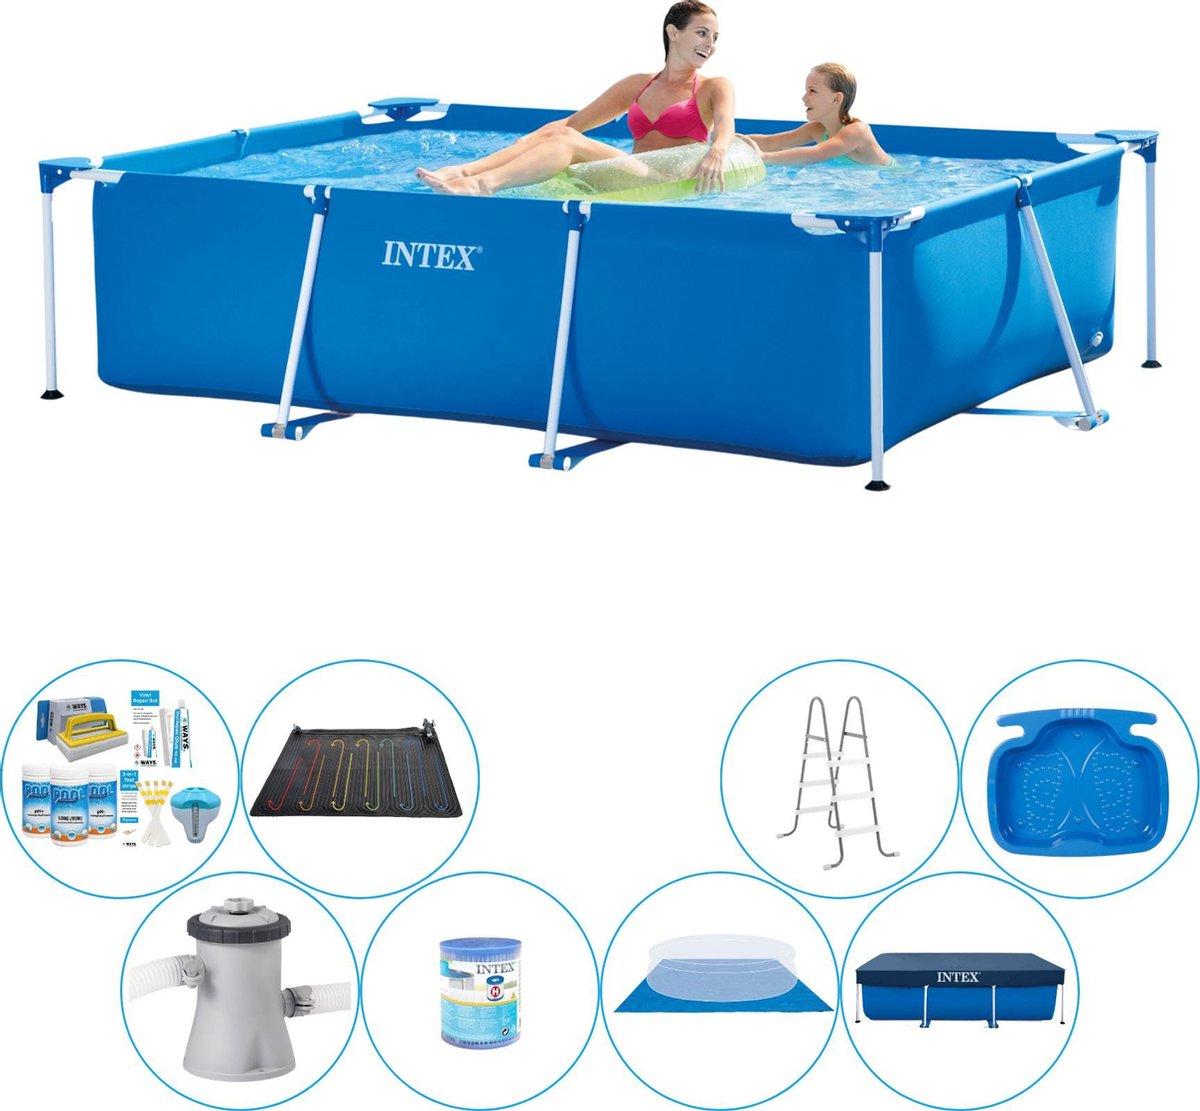 Intex Rechthoekig Zwembad - 220 x 150 x 60 cm - Inclusief alle benodigdheden